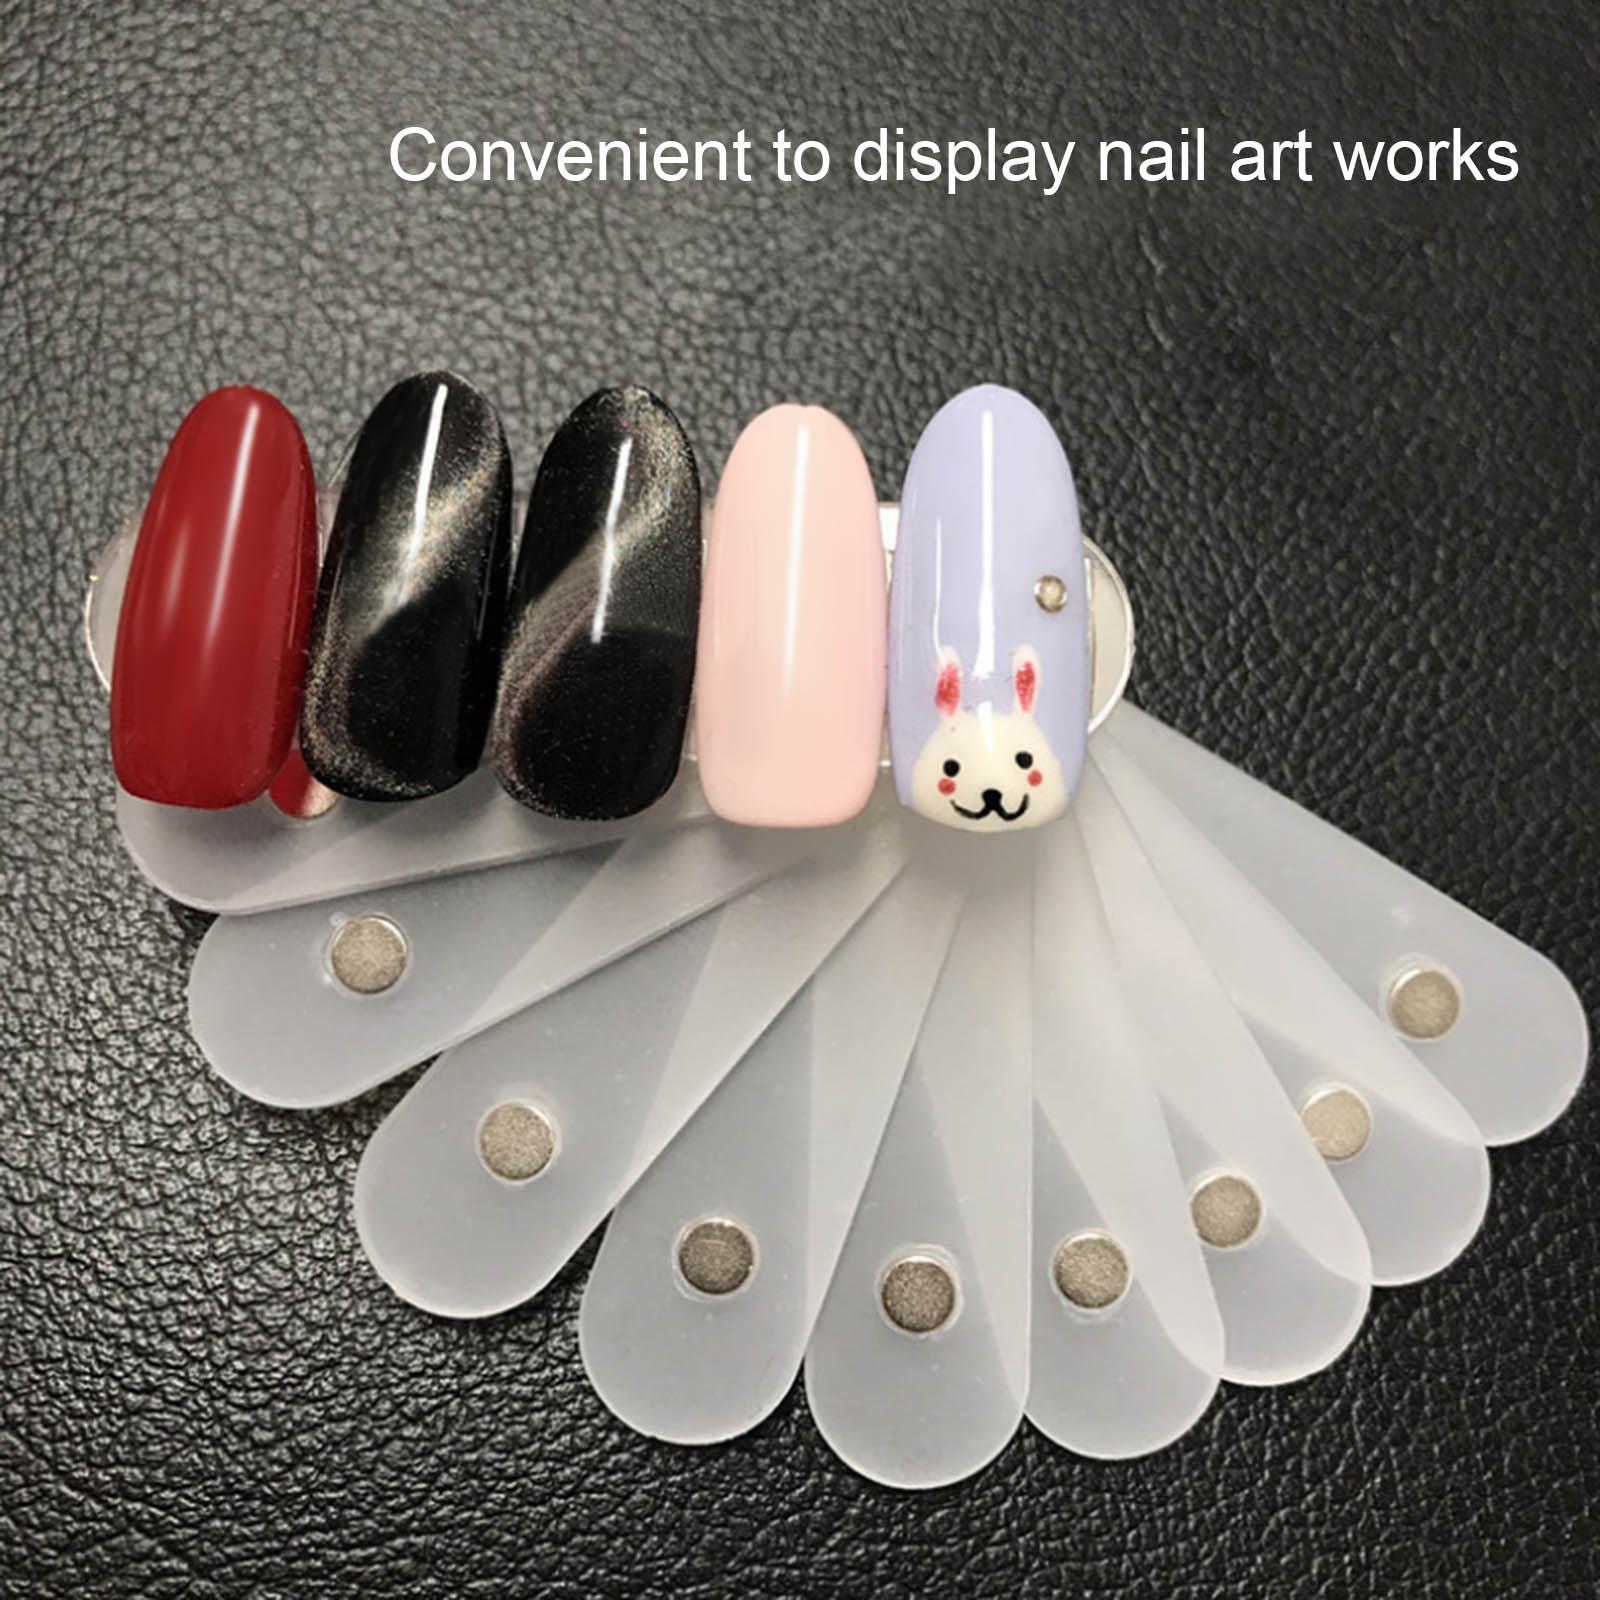 10 шт., подставка для демонстрации накладных ногтей